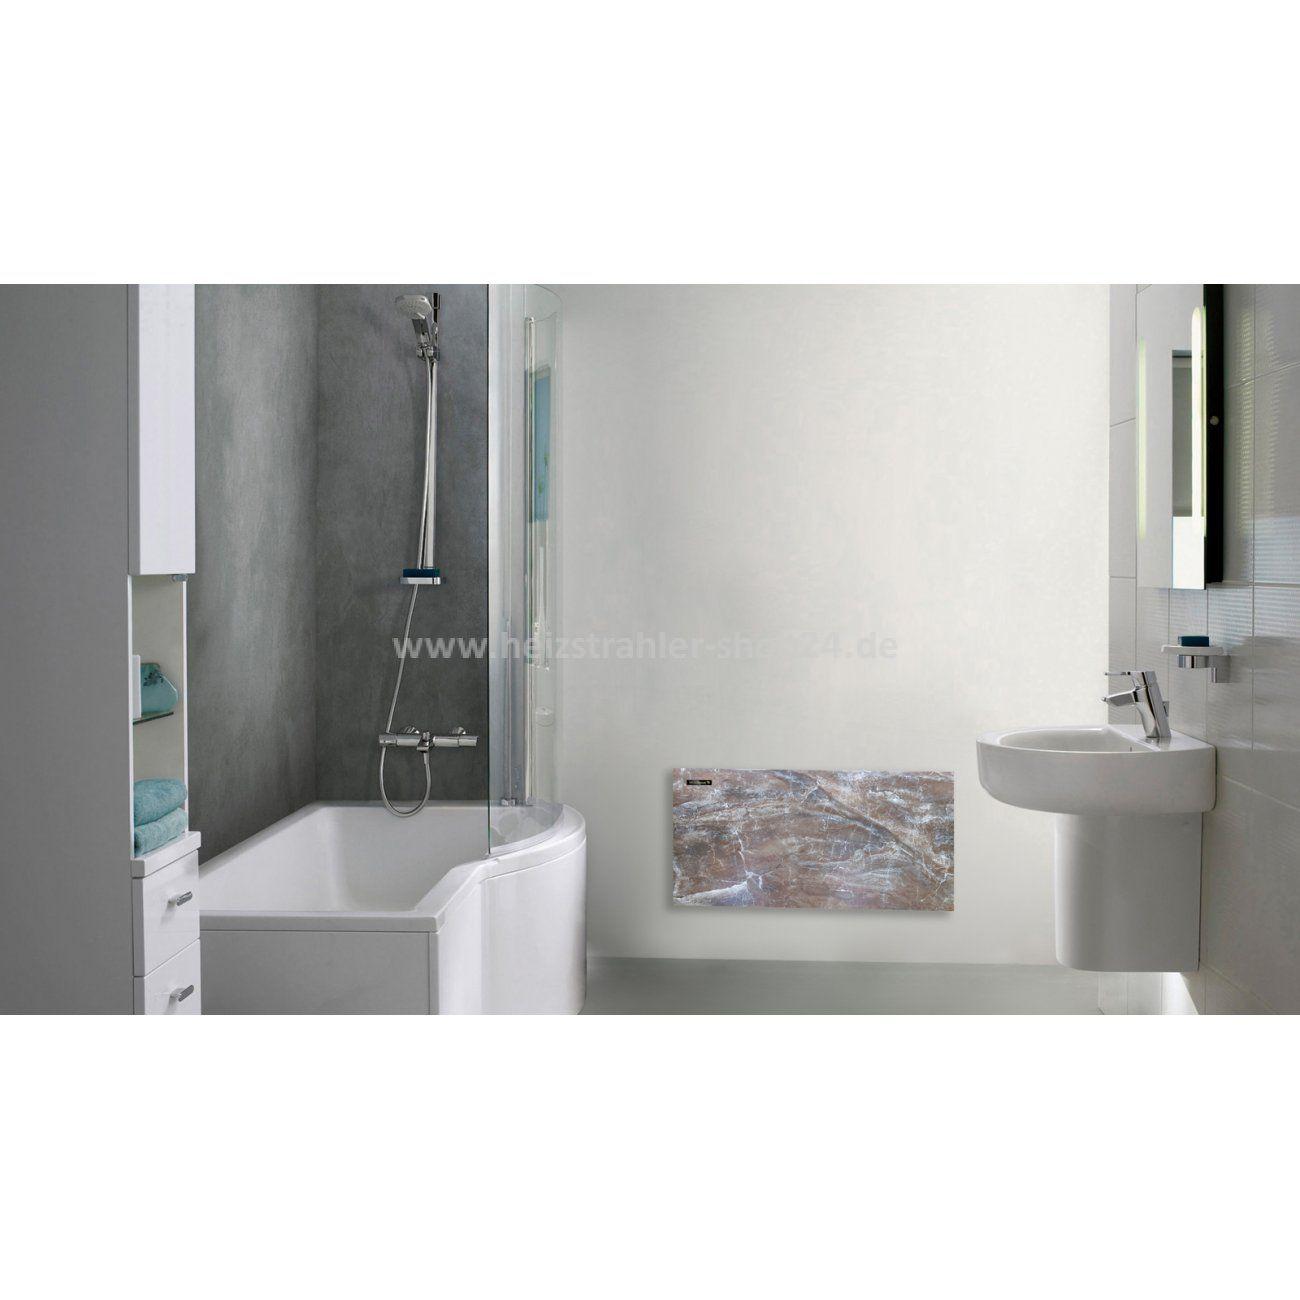 Naturstein Infrarotheizung Fur Das Badezimmer Von Infralia Natural Stone Infrared Heater For The Bathroom Infrarotheizung Heizung Strahler